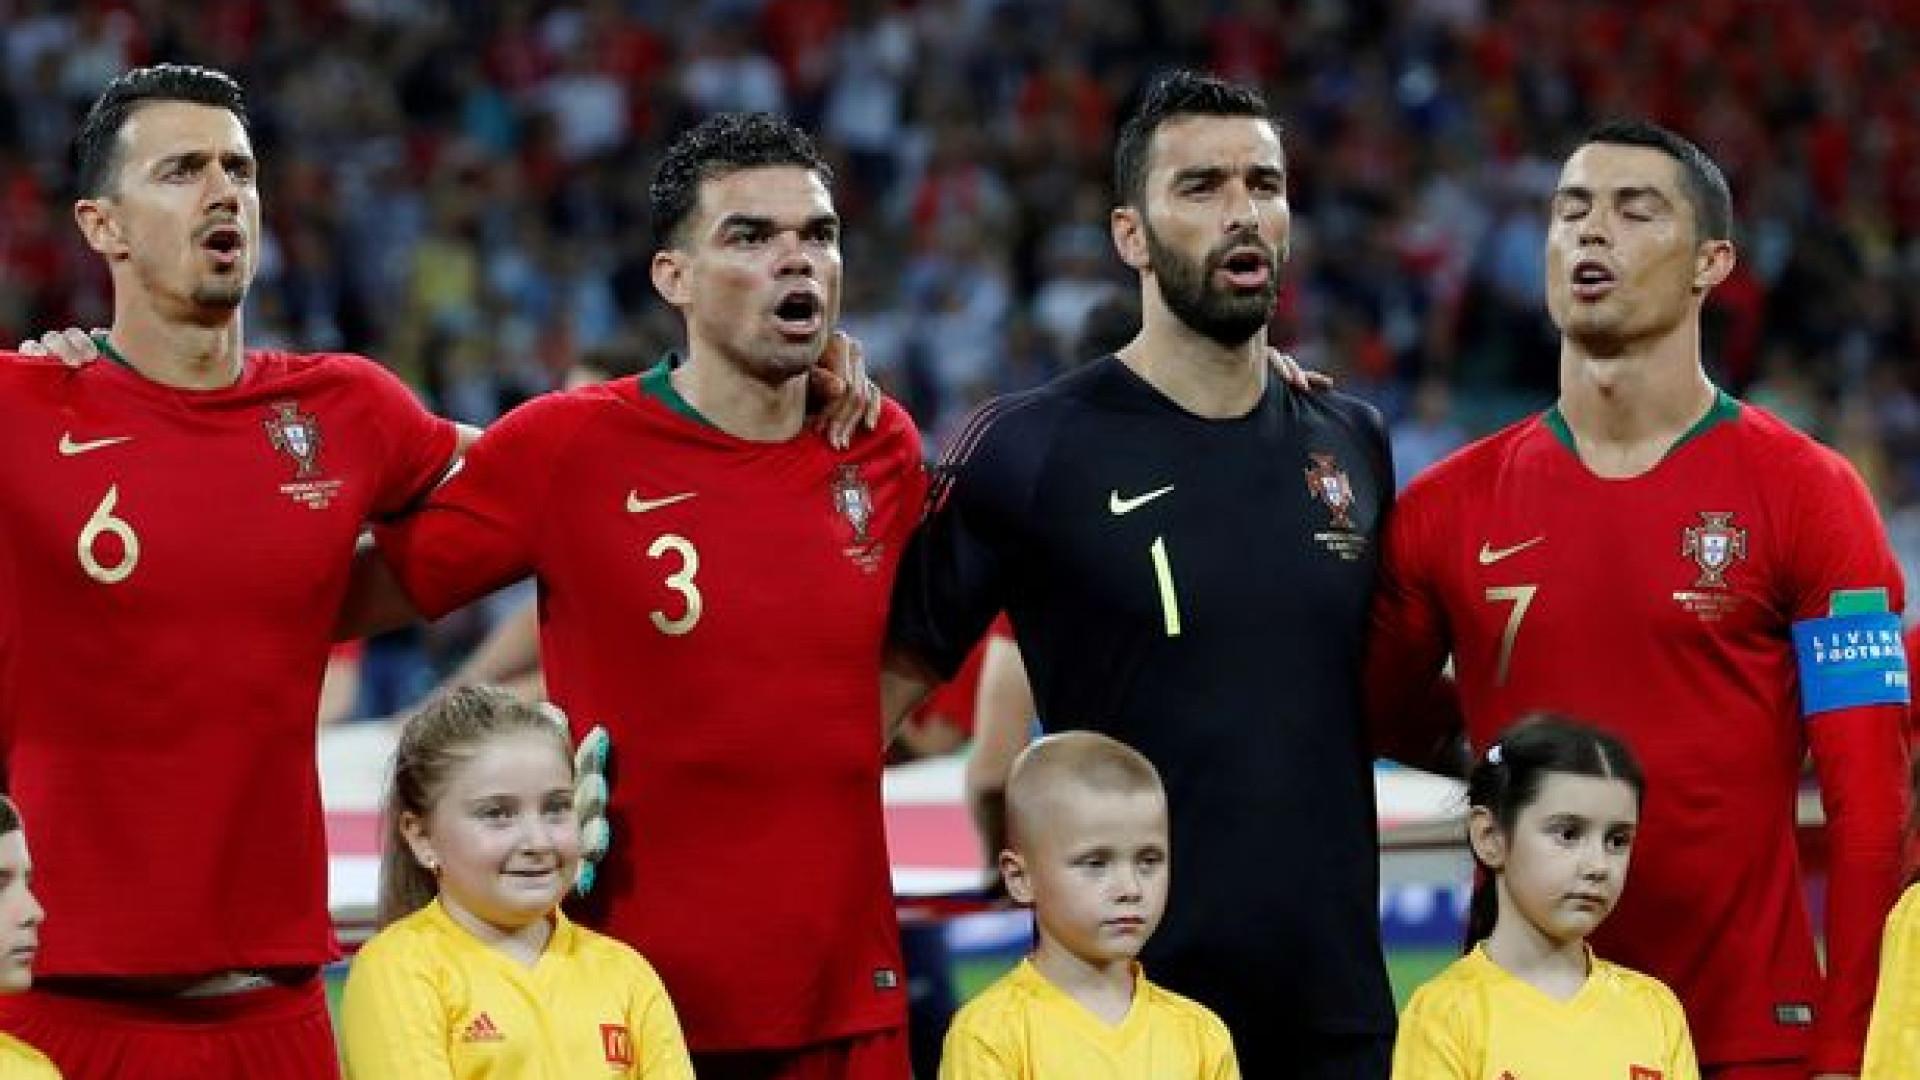 Cristiano Ronaldo a olhar para o lado no hino? Ingleses explicam